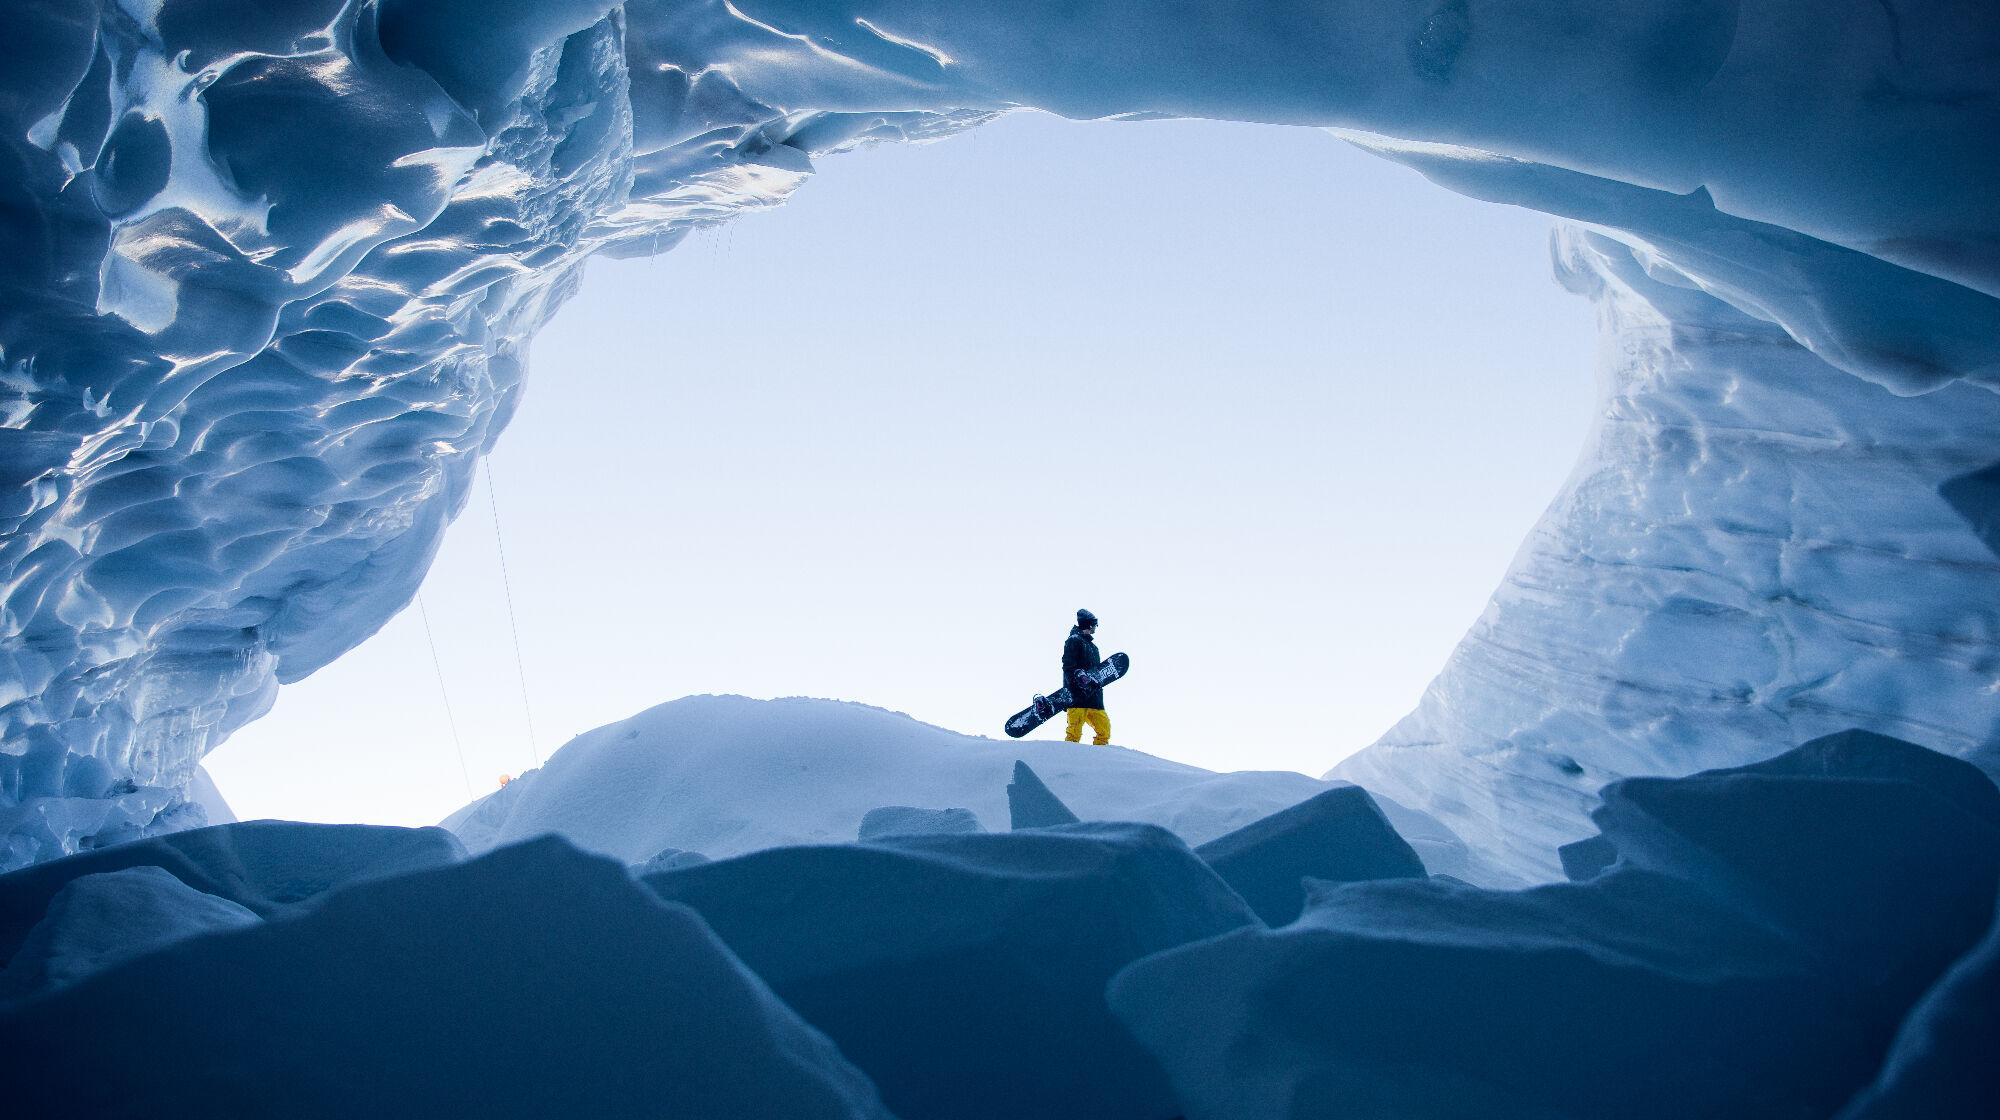 Das ewige Eis am Hintertuxer Gletscher